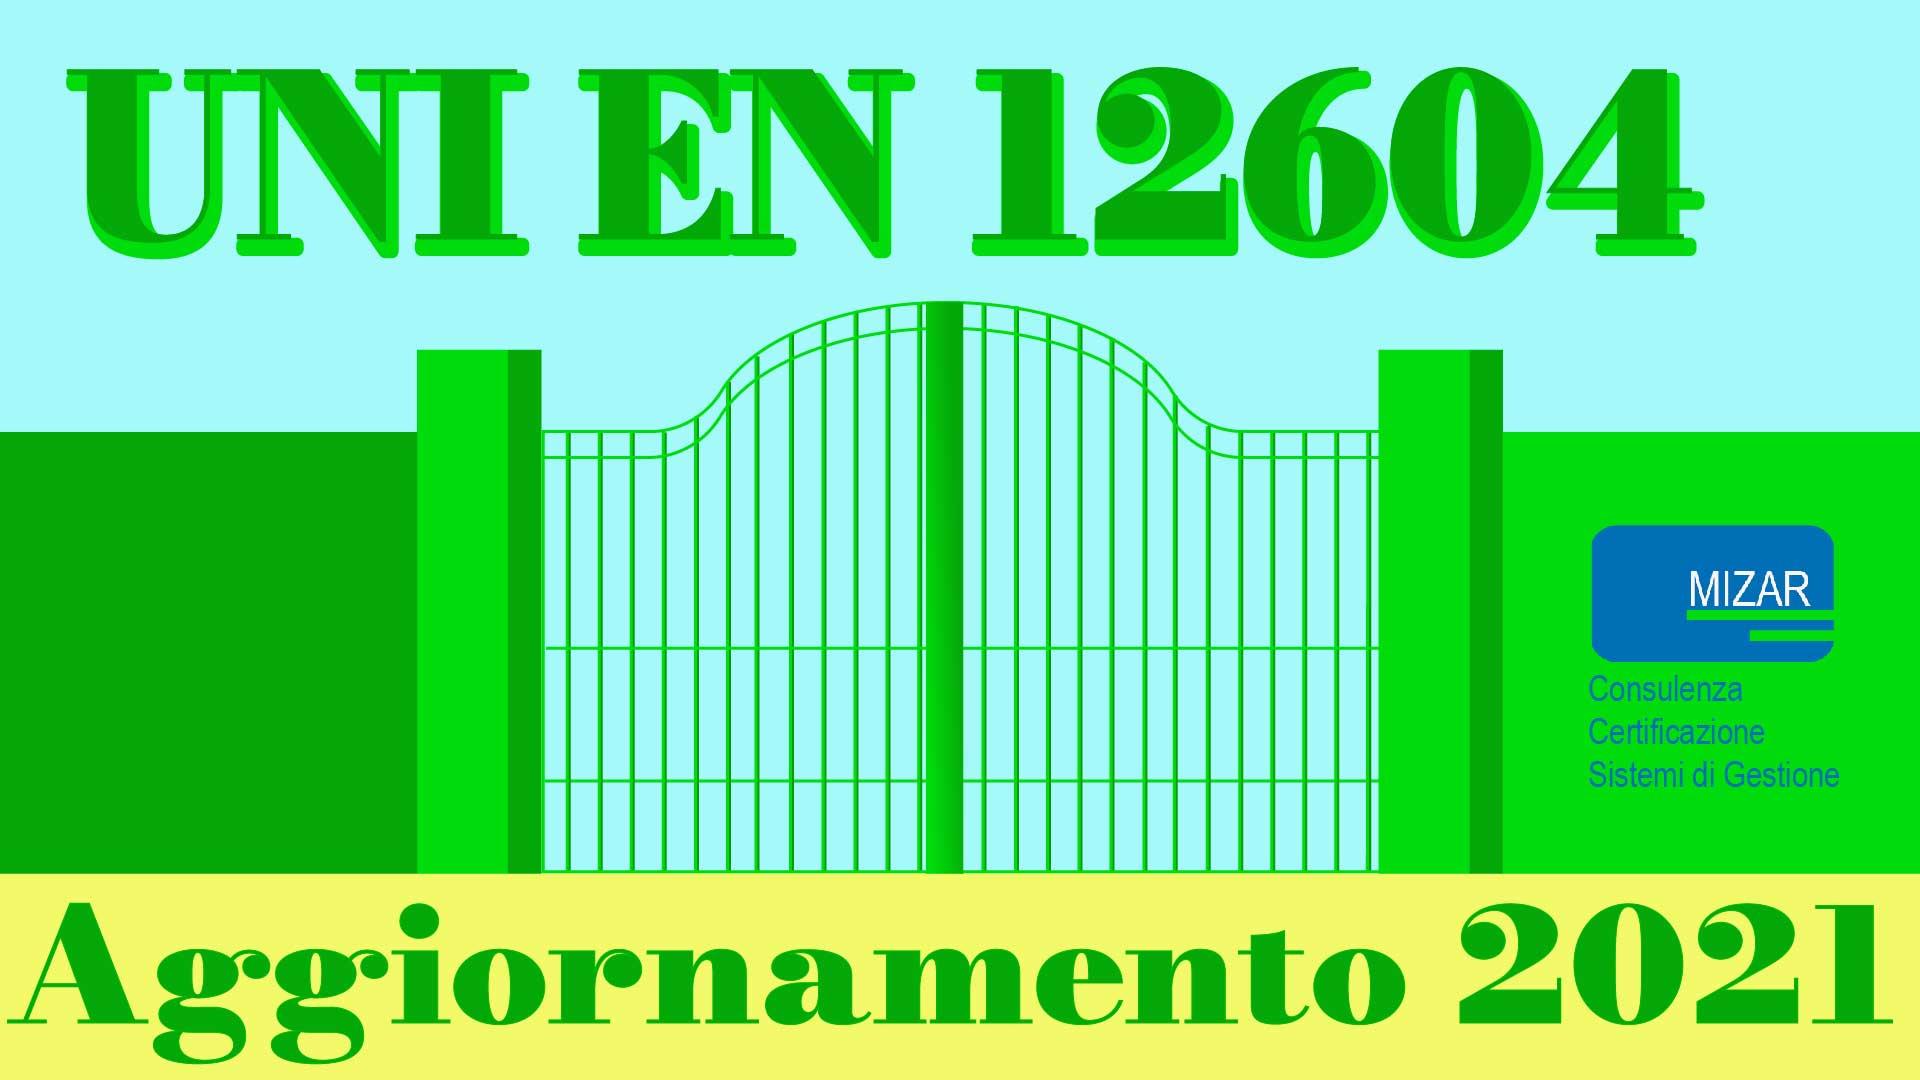 UNI EN 12604:2021